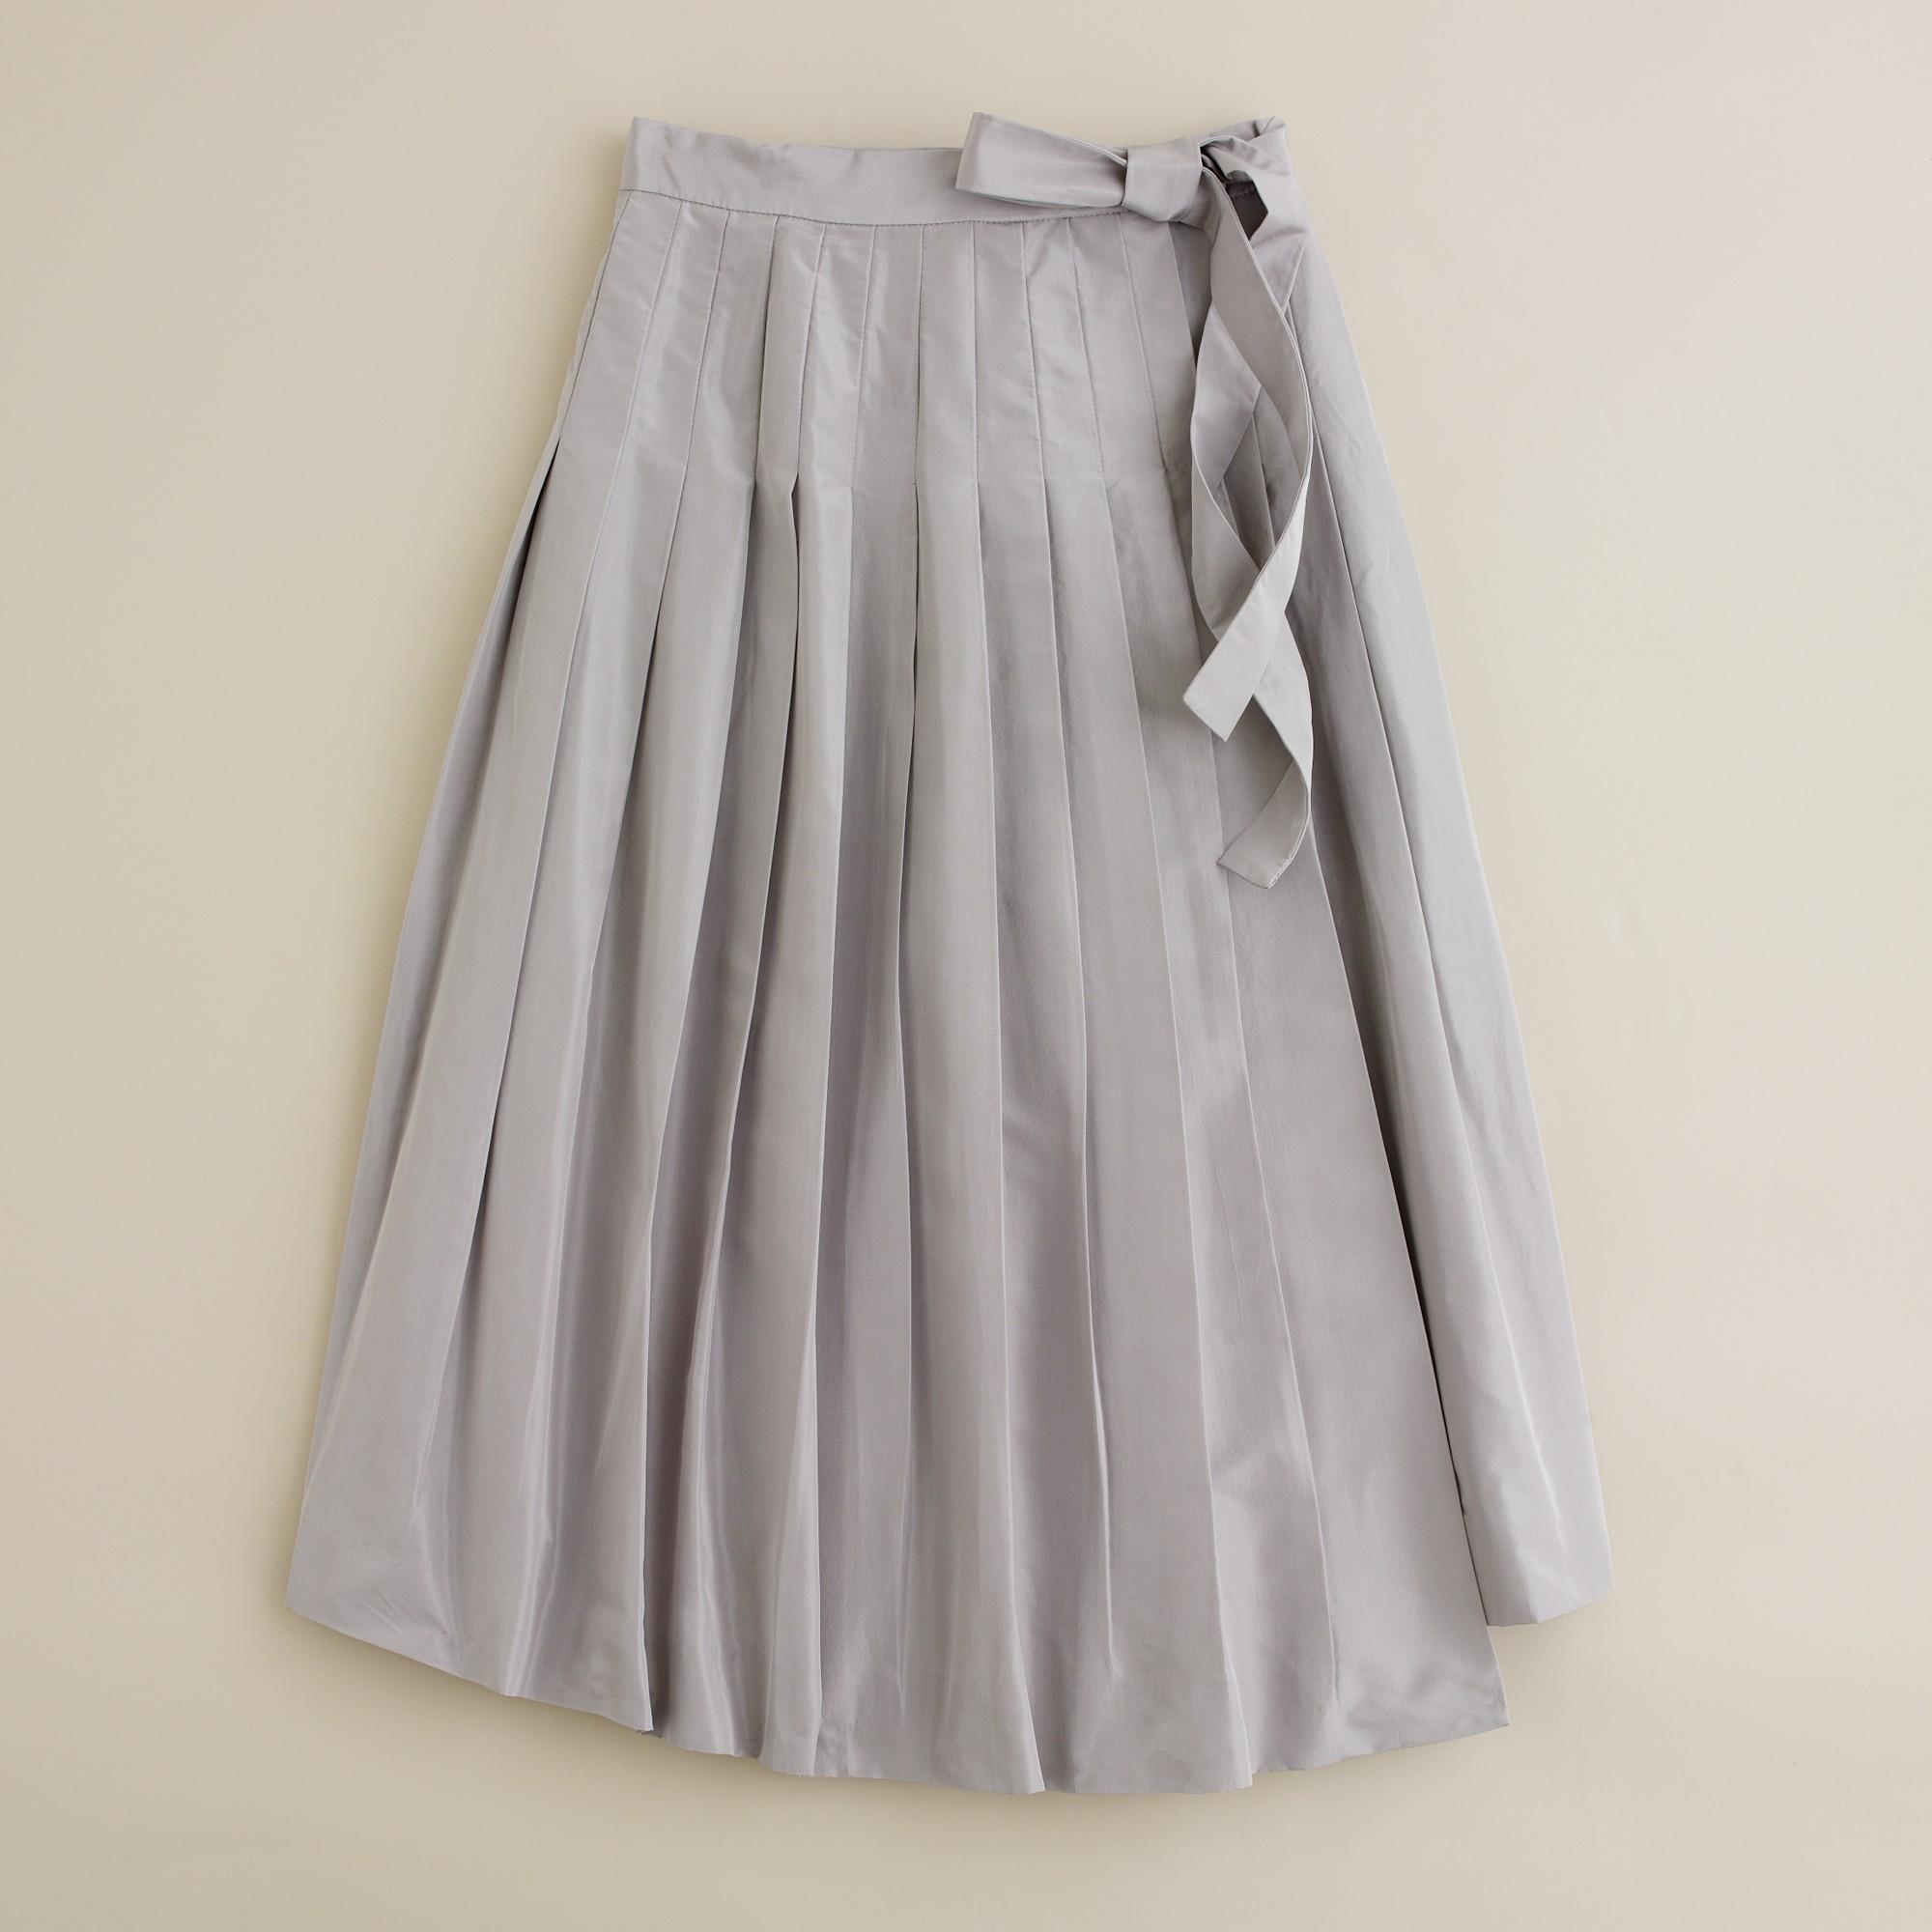 Lyst J Crew Knife Pleat Wrap Skirt In Silk Taffeta In Gray